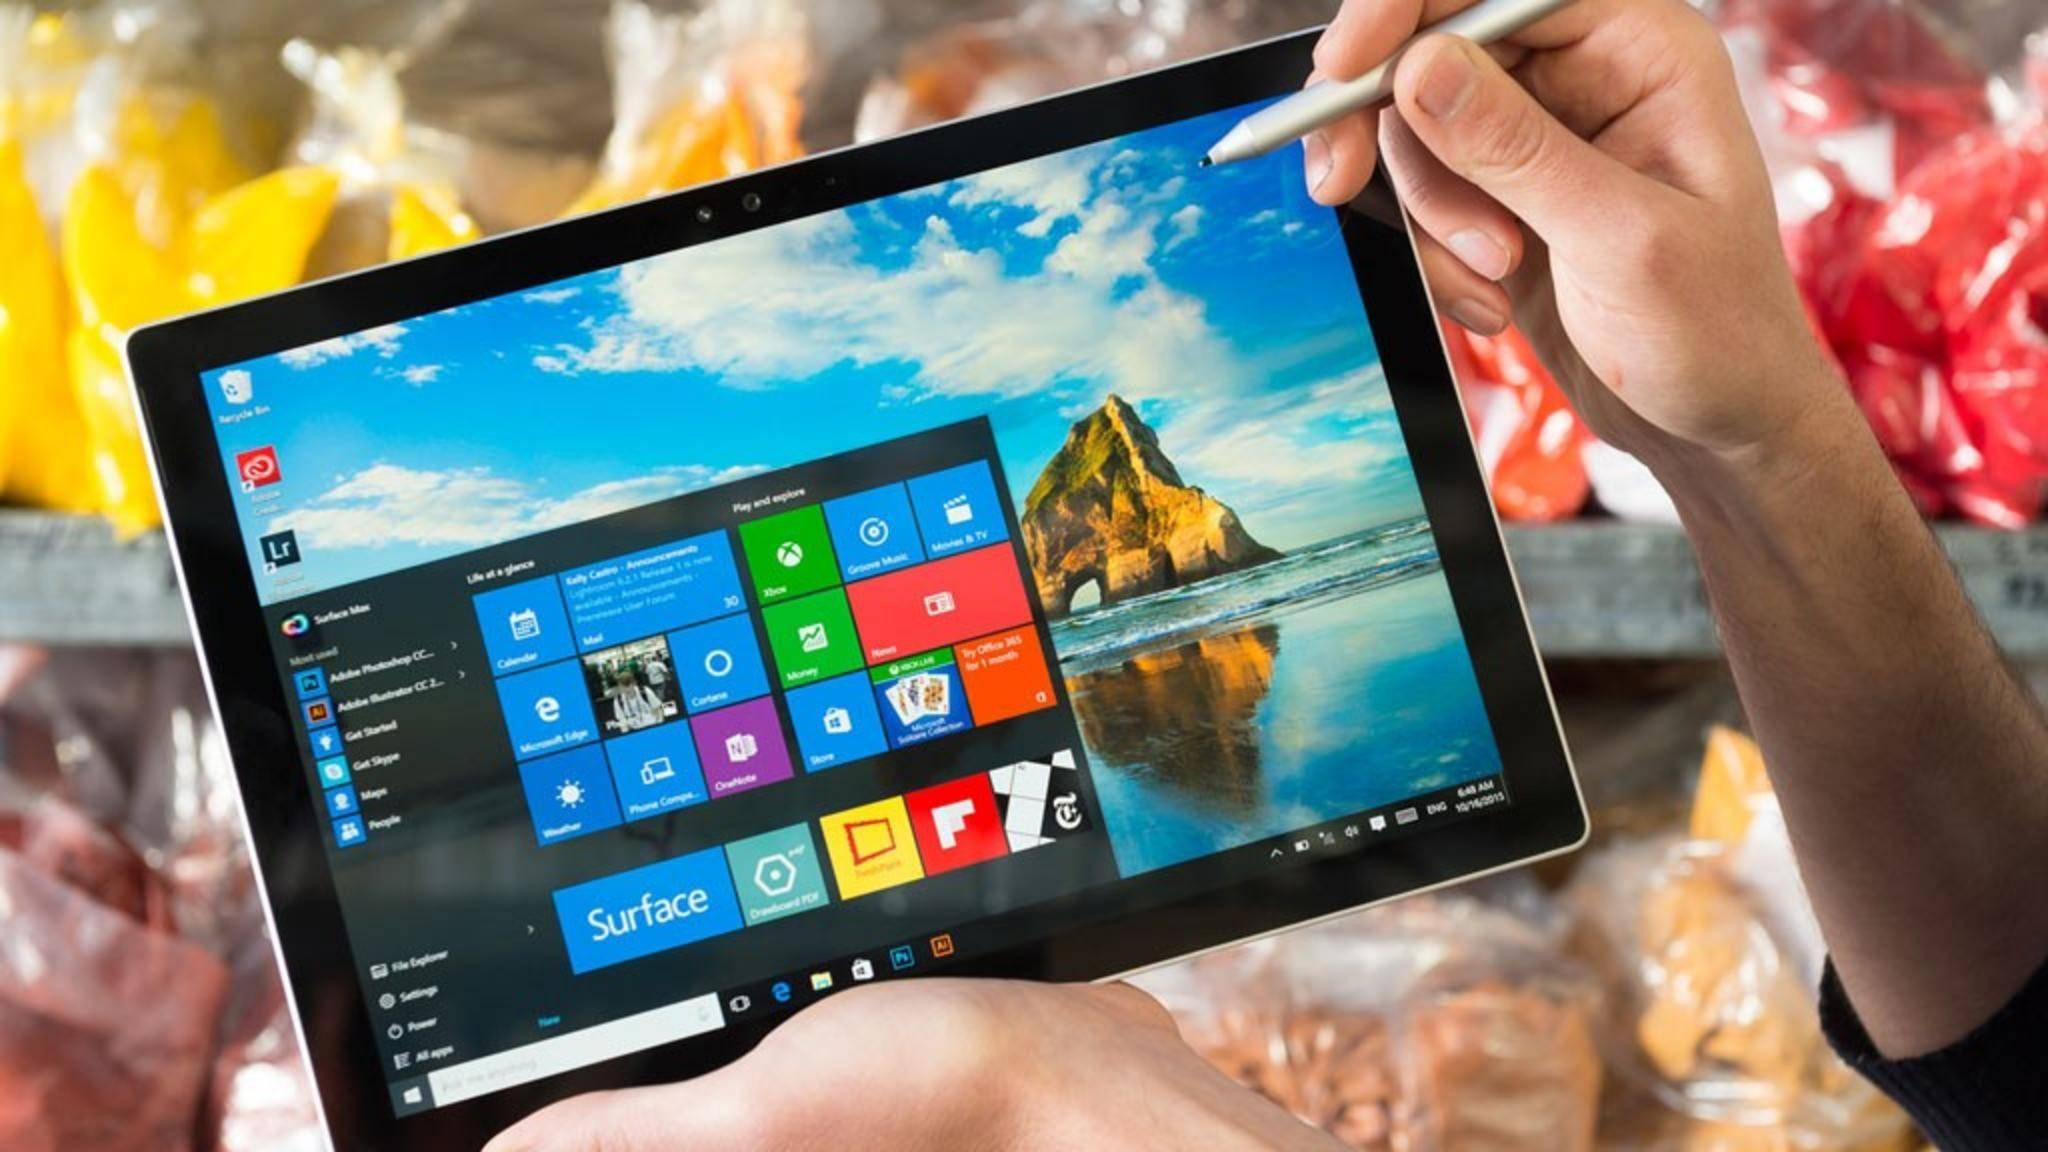 Wir zeigen Dir zehn Apps, die Du Dir für Windows 10 anschauen solltest.